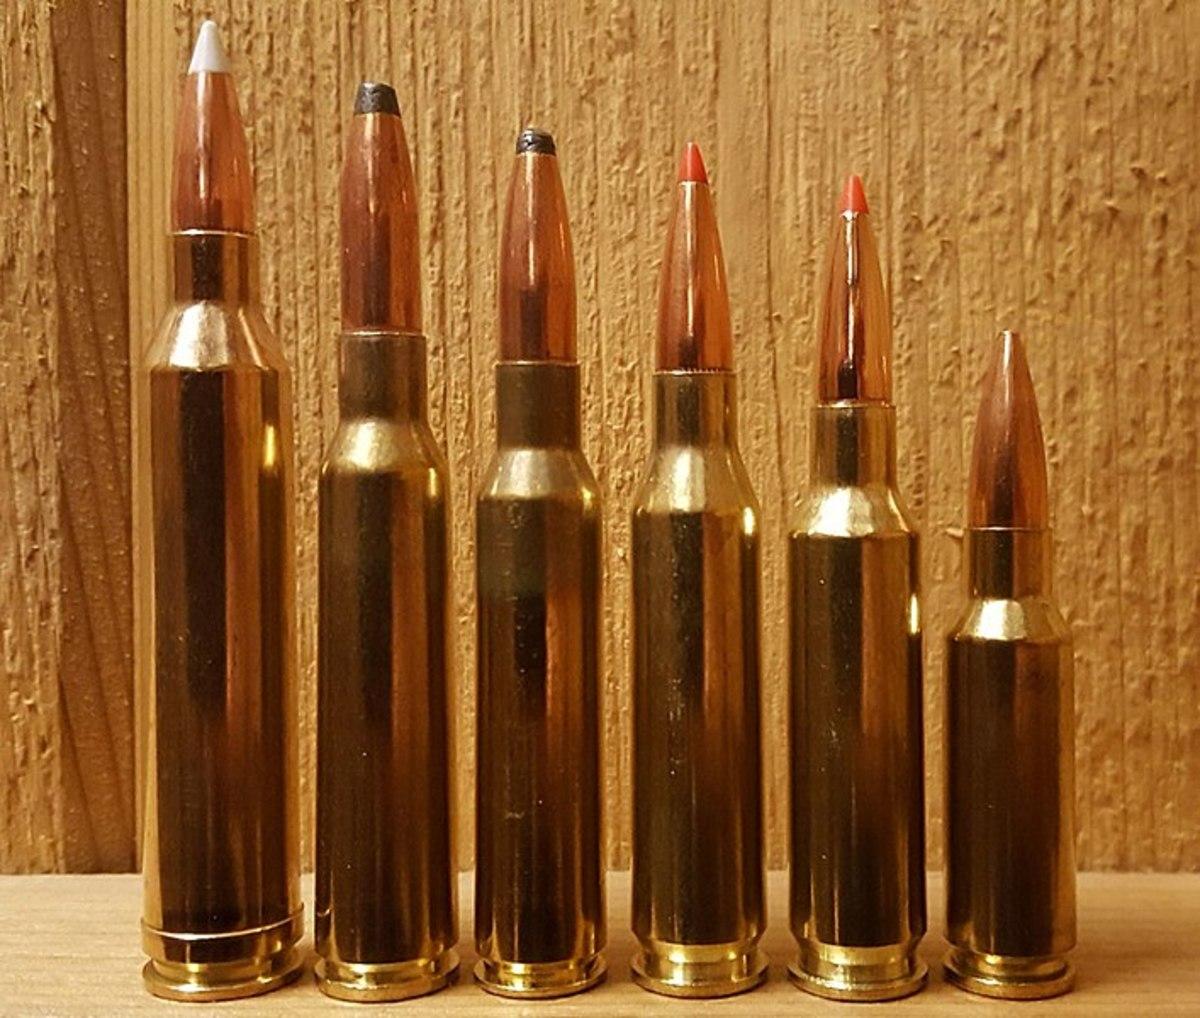 New 6 5mm Cartridge Fight (6 5 PRC vs  its NextGen